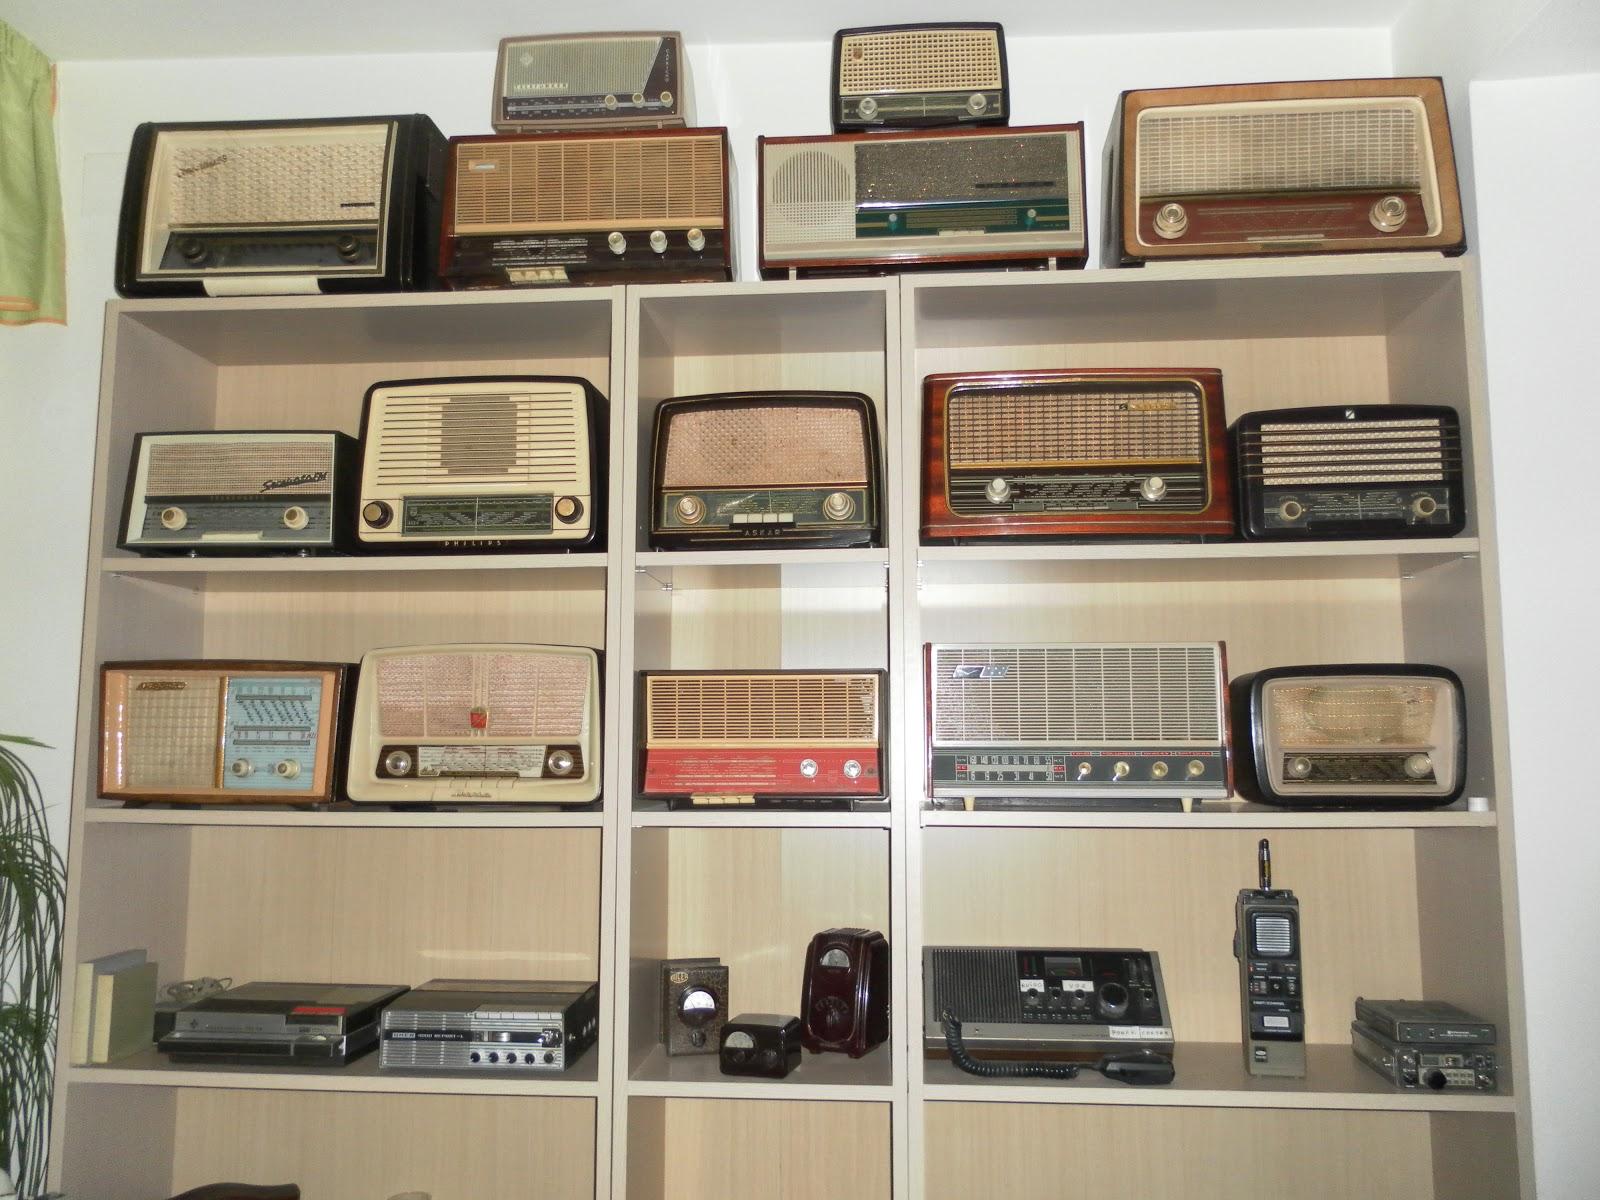 4 m sica rgiva imagenes de radios antiguos - Fotos radios antiguas ...